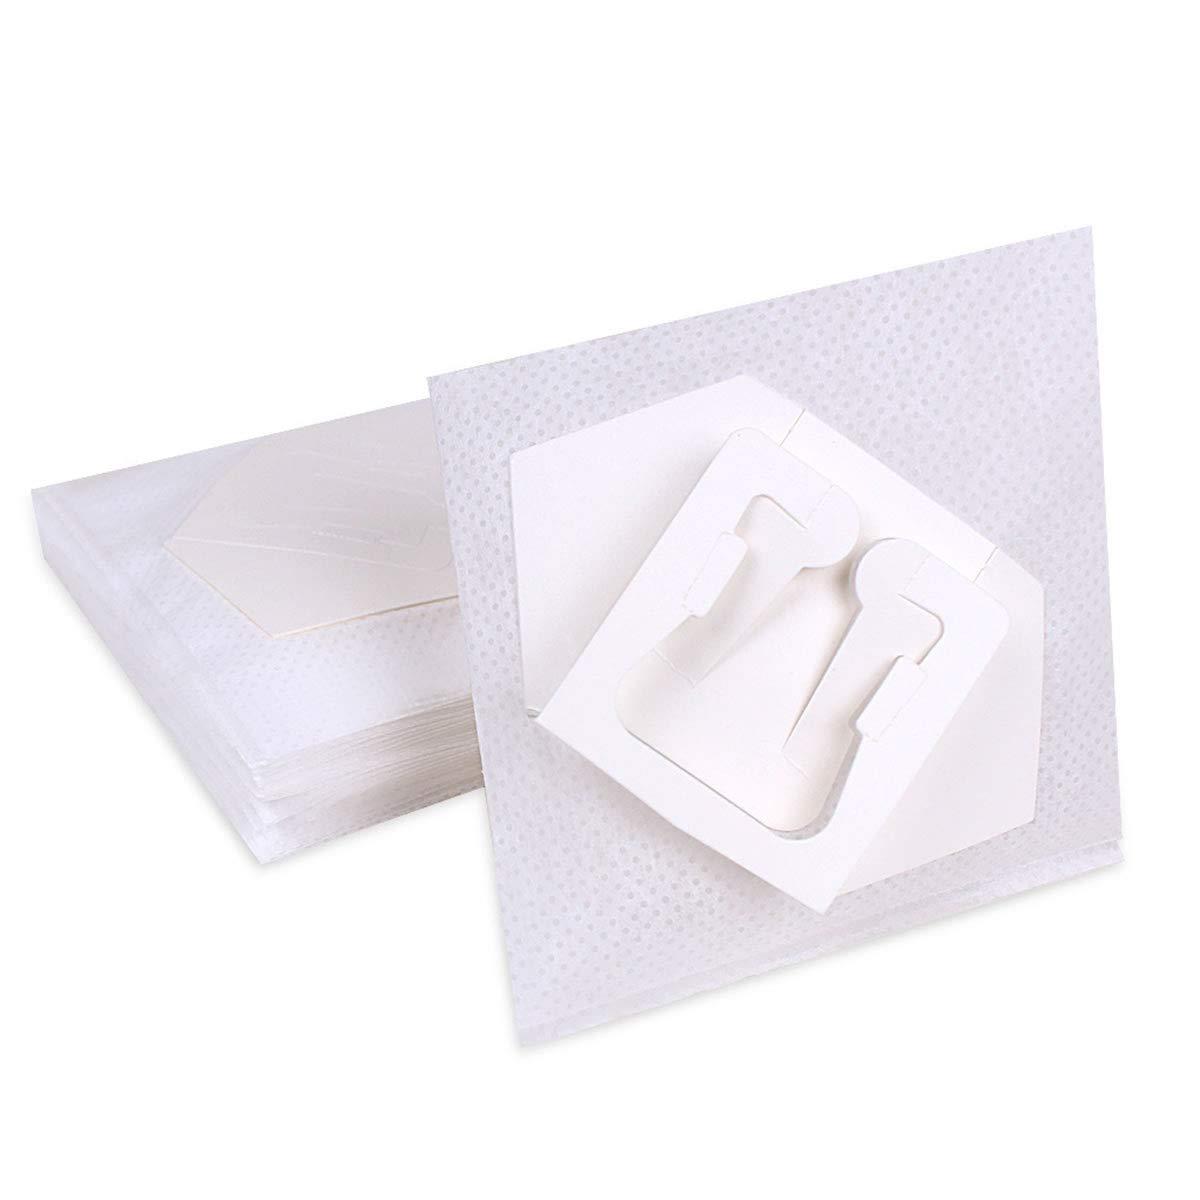 GOODFEER コーヒーフィルター 使い捨てフィルターソックパック コーヒーフィルター用紙 20gバッグ   B07KC3BX7N